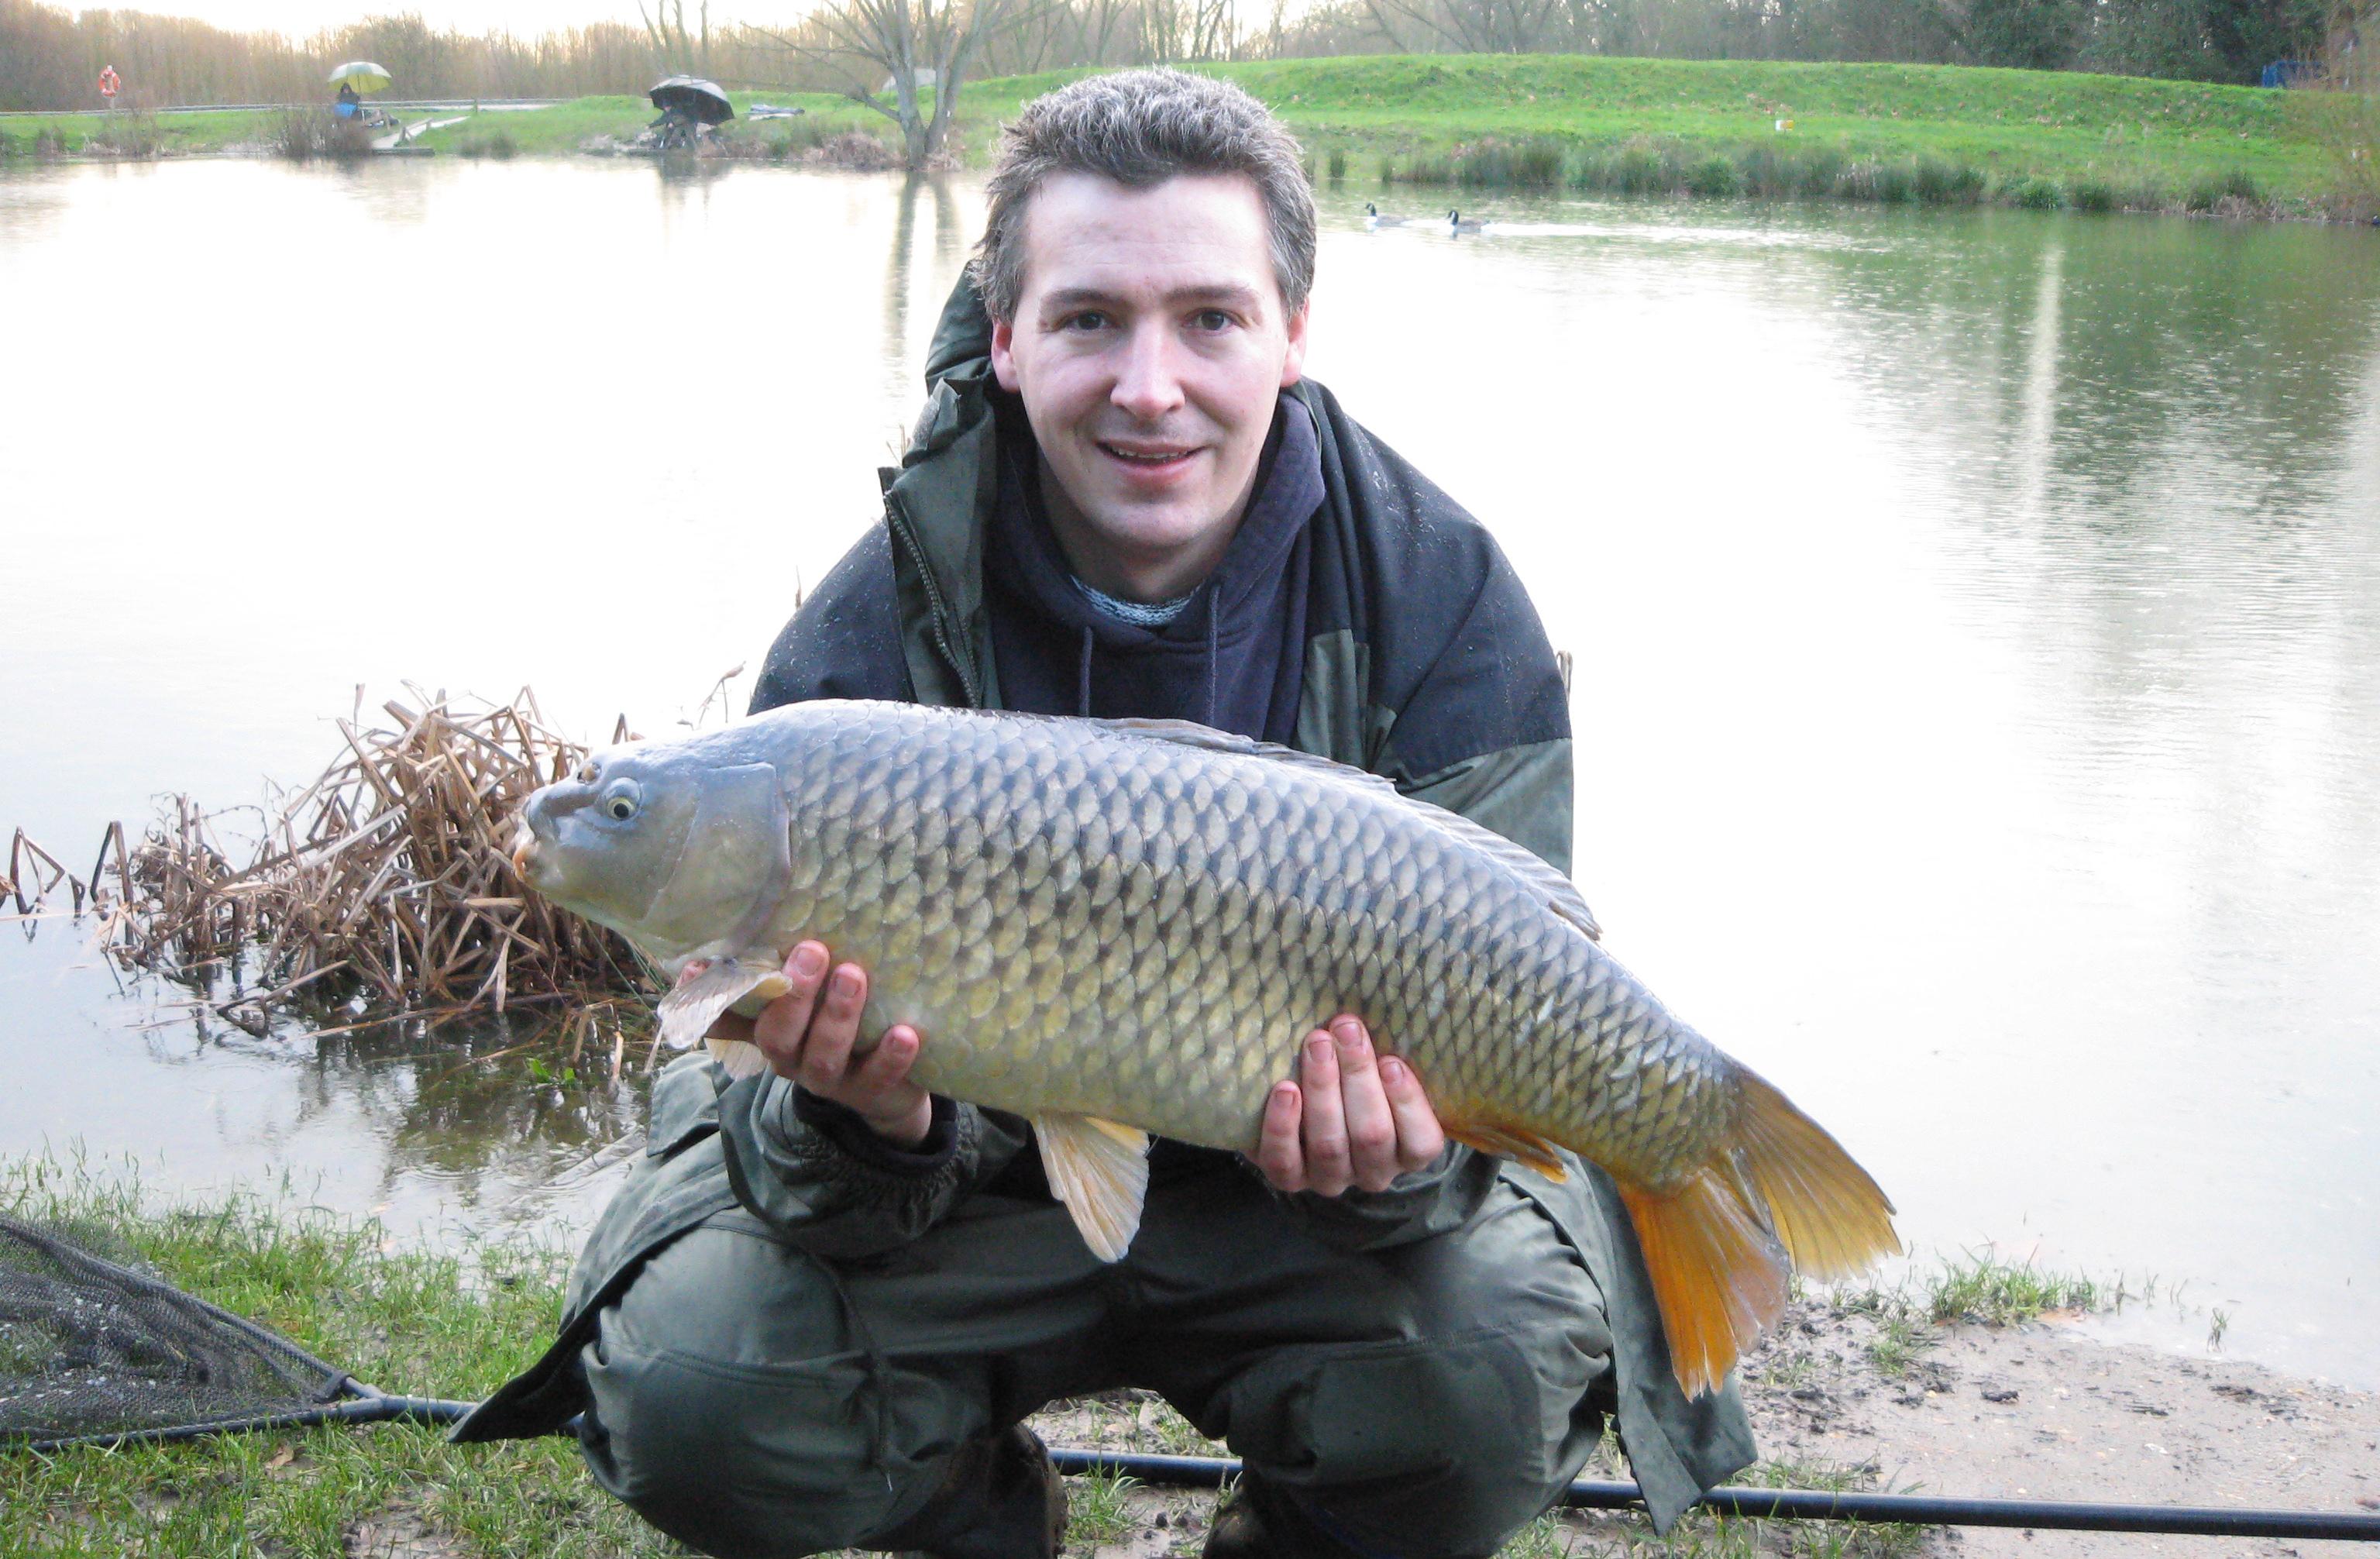 winter fishing for carp tips